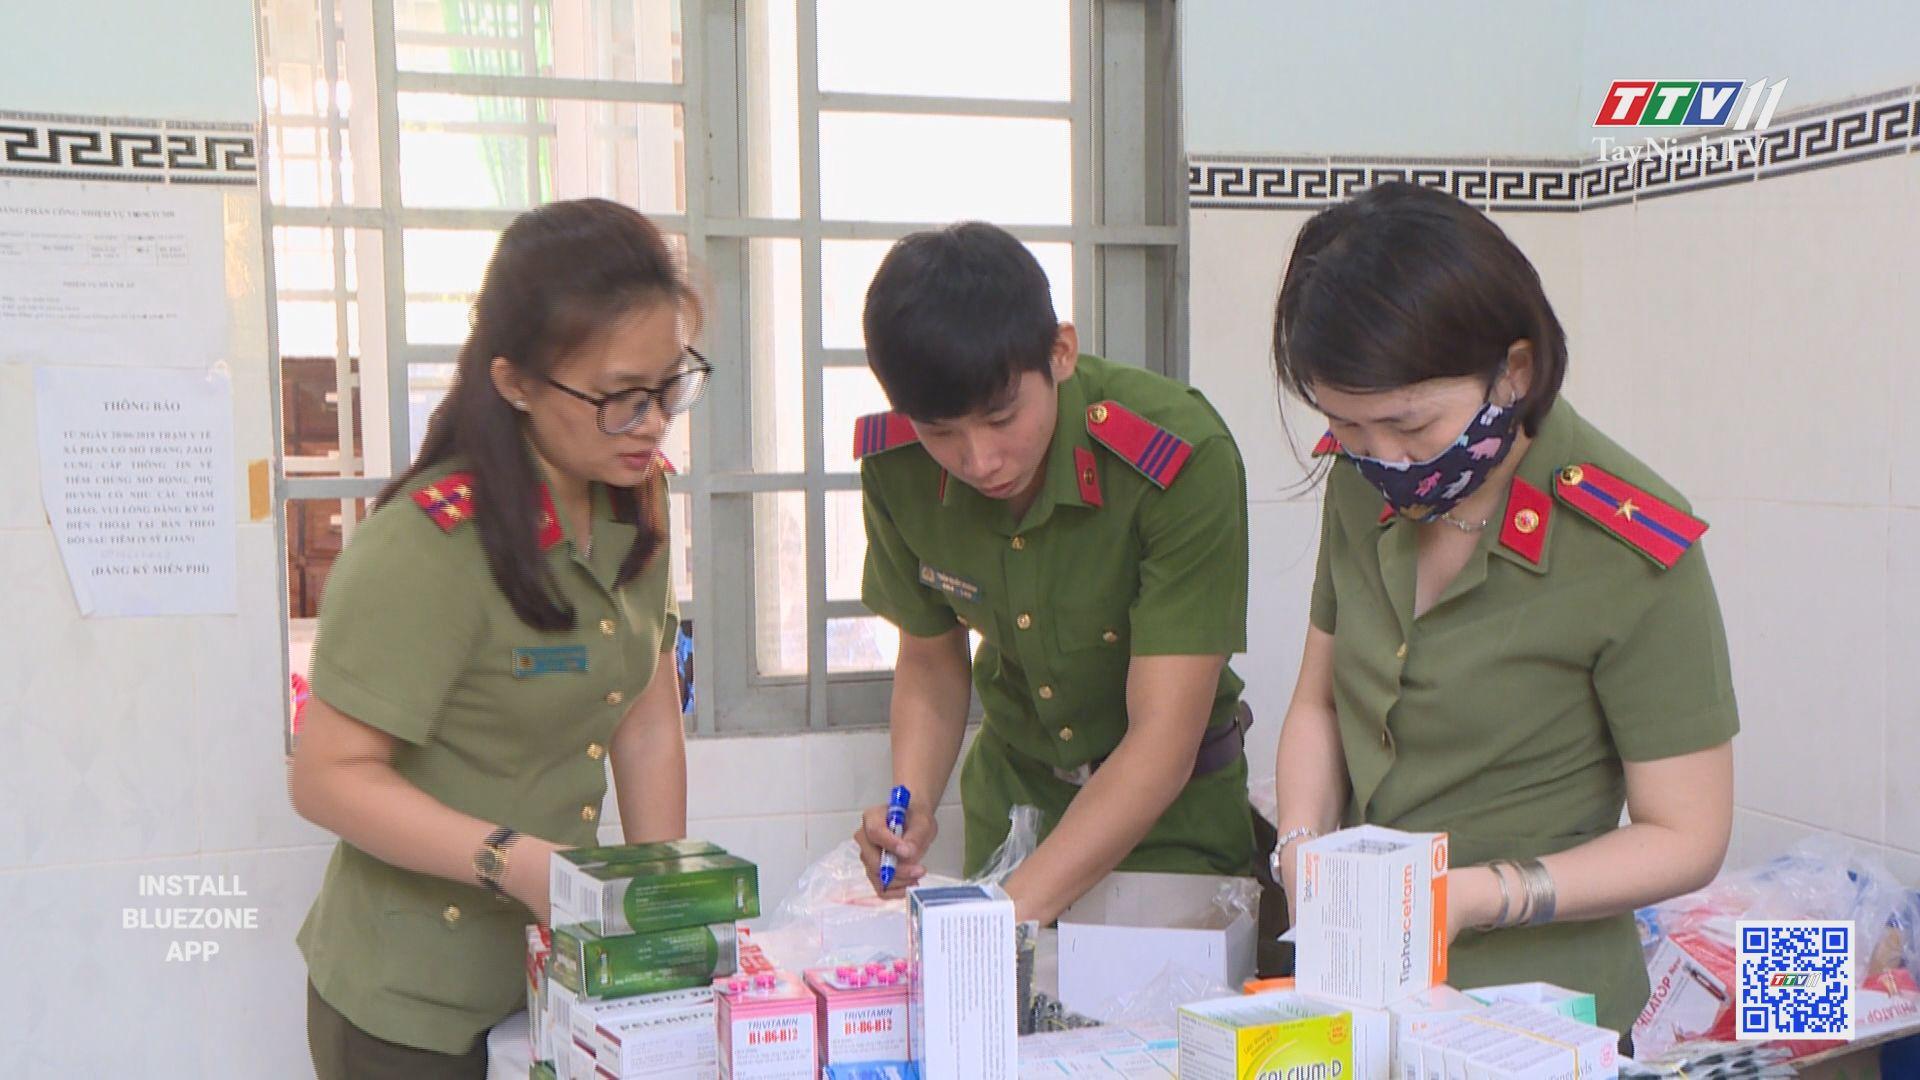 Phòng Hậu cần-Công an Tây Ninh tận tụy, thực hiện hiệu quả trong công việc | AN NINH TÂY NINH | TayNinhTV